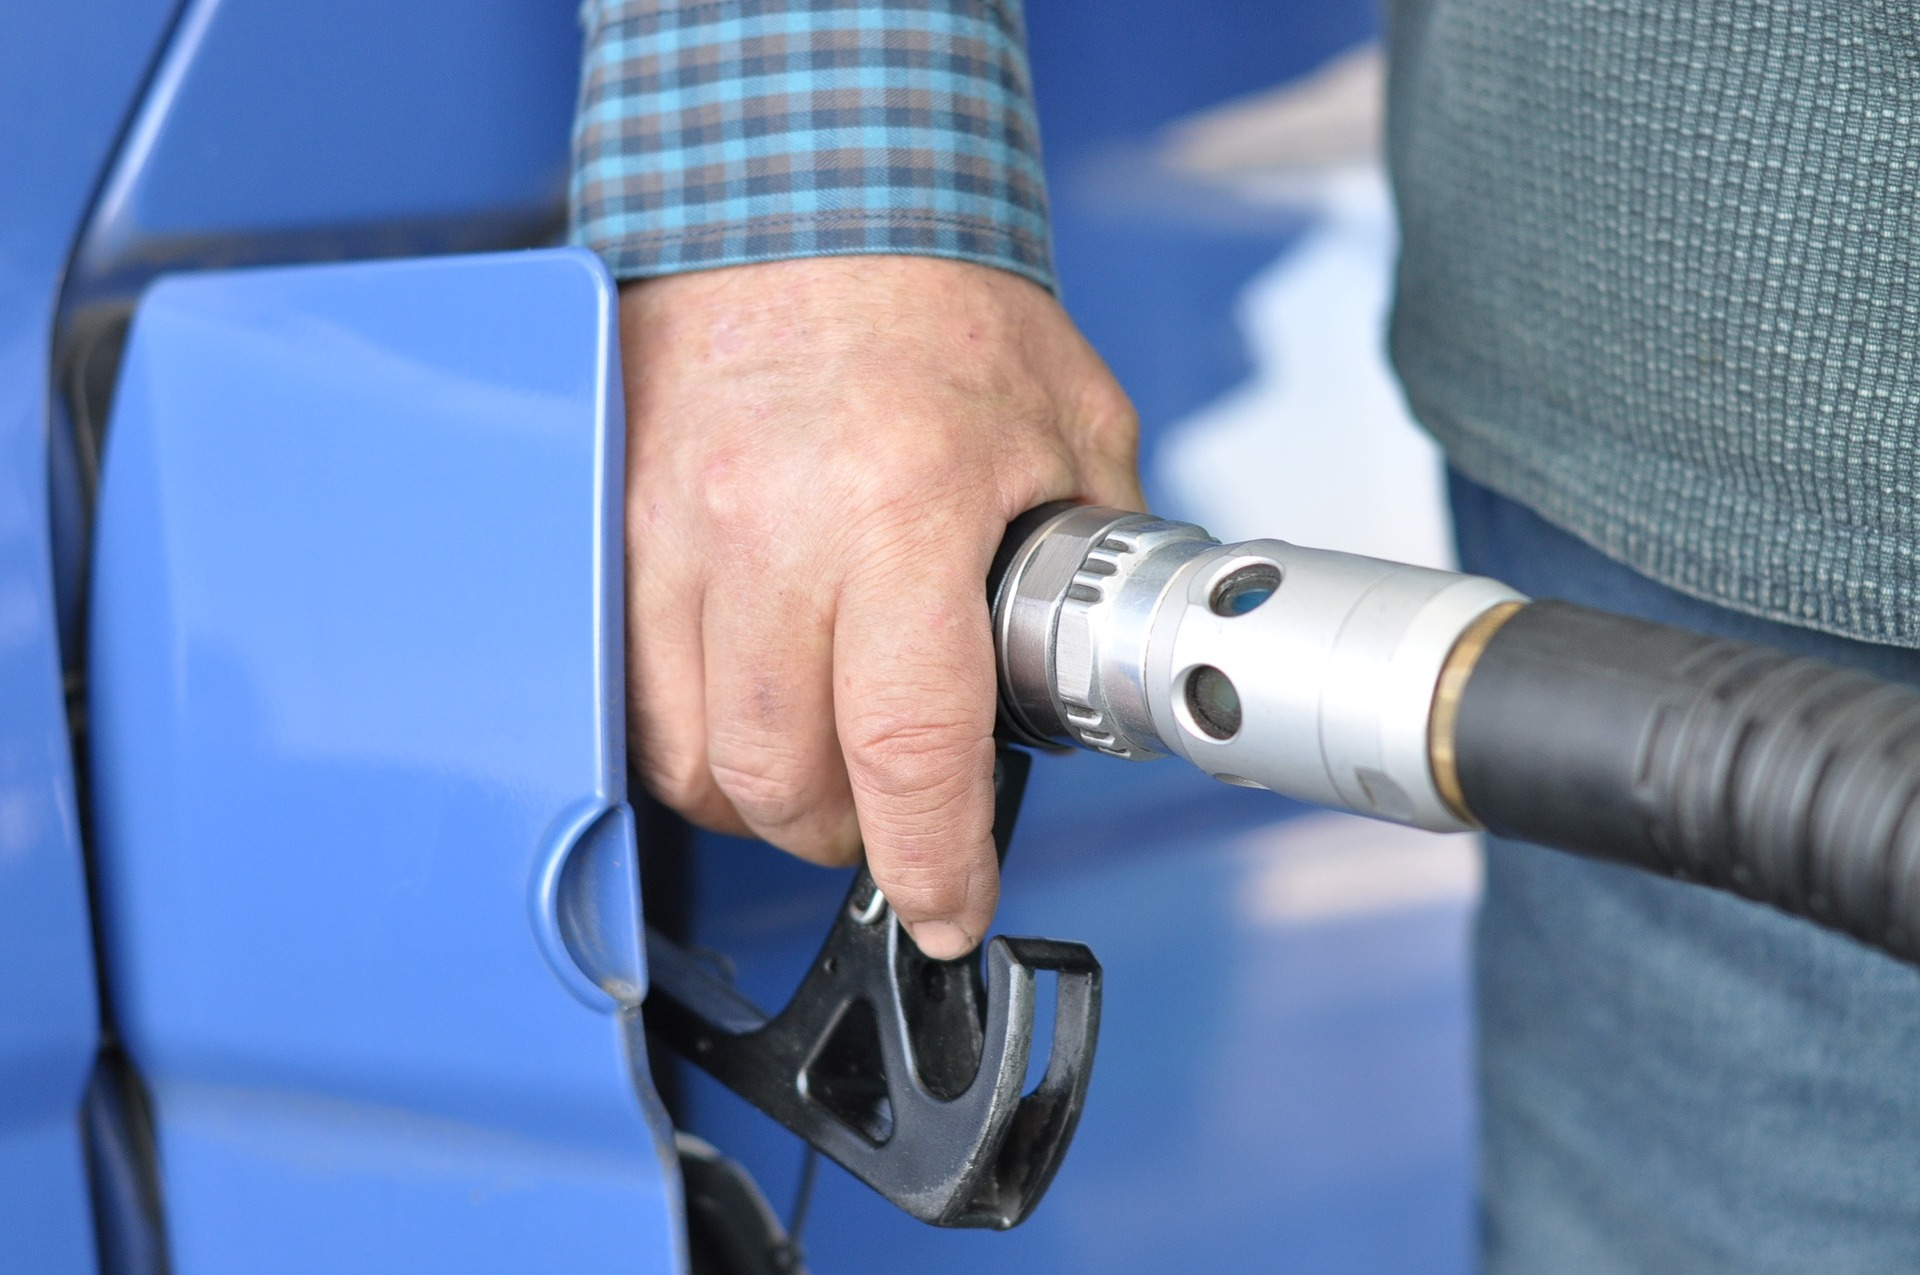 W wakacje możemy za litr paliwa zapłacić o 30-40 groszy więcej